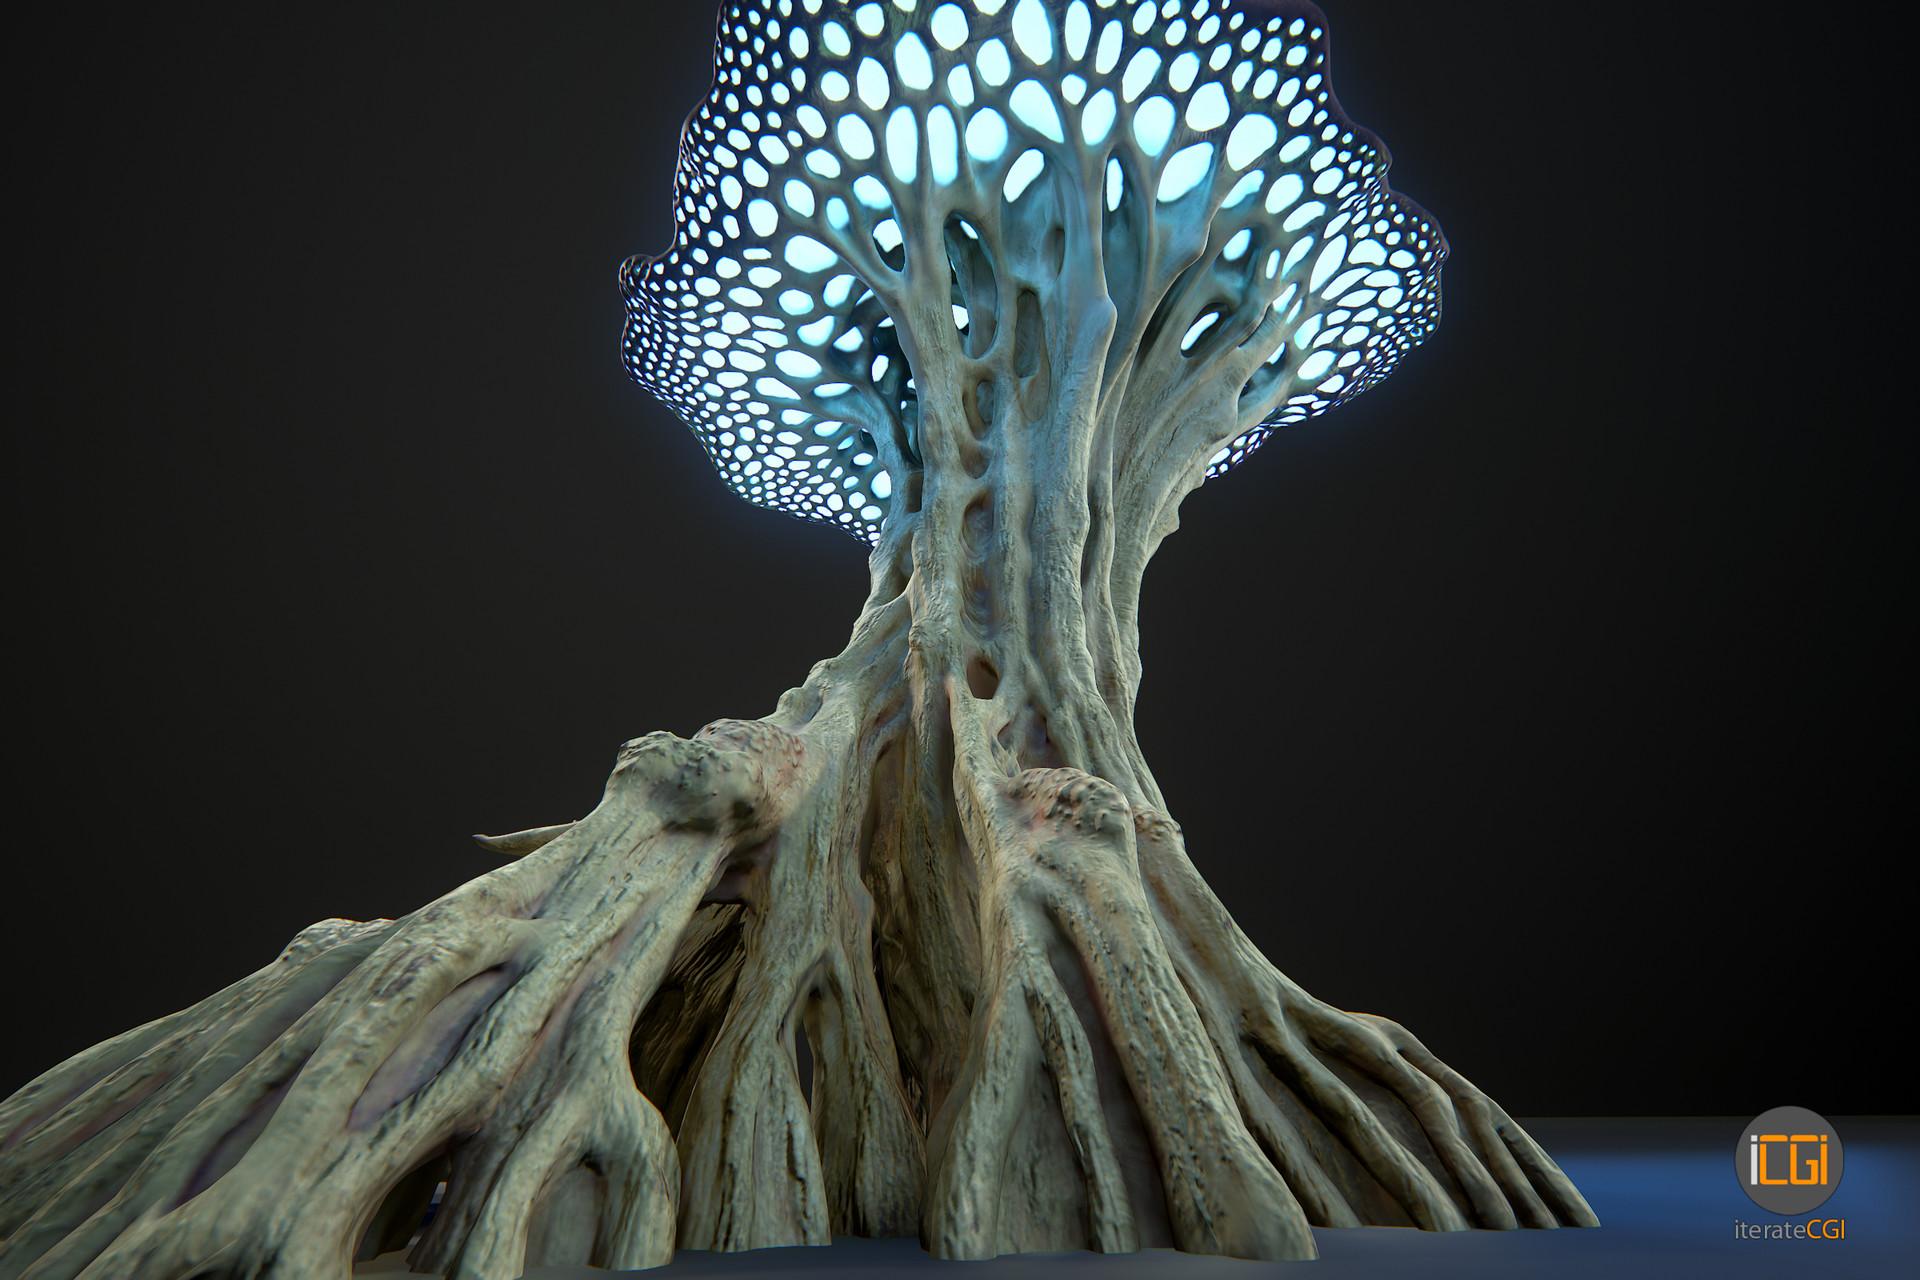 Johan de leenheer alien plant mushroom type2 26